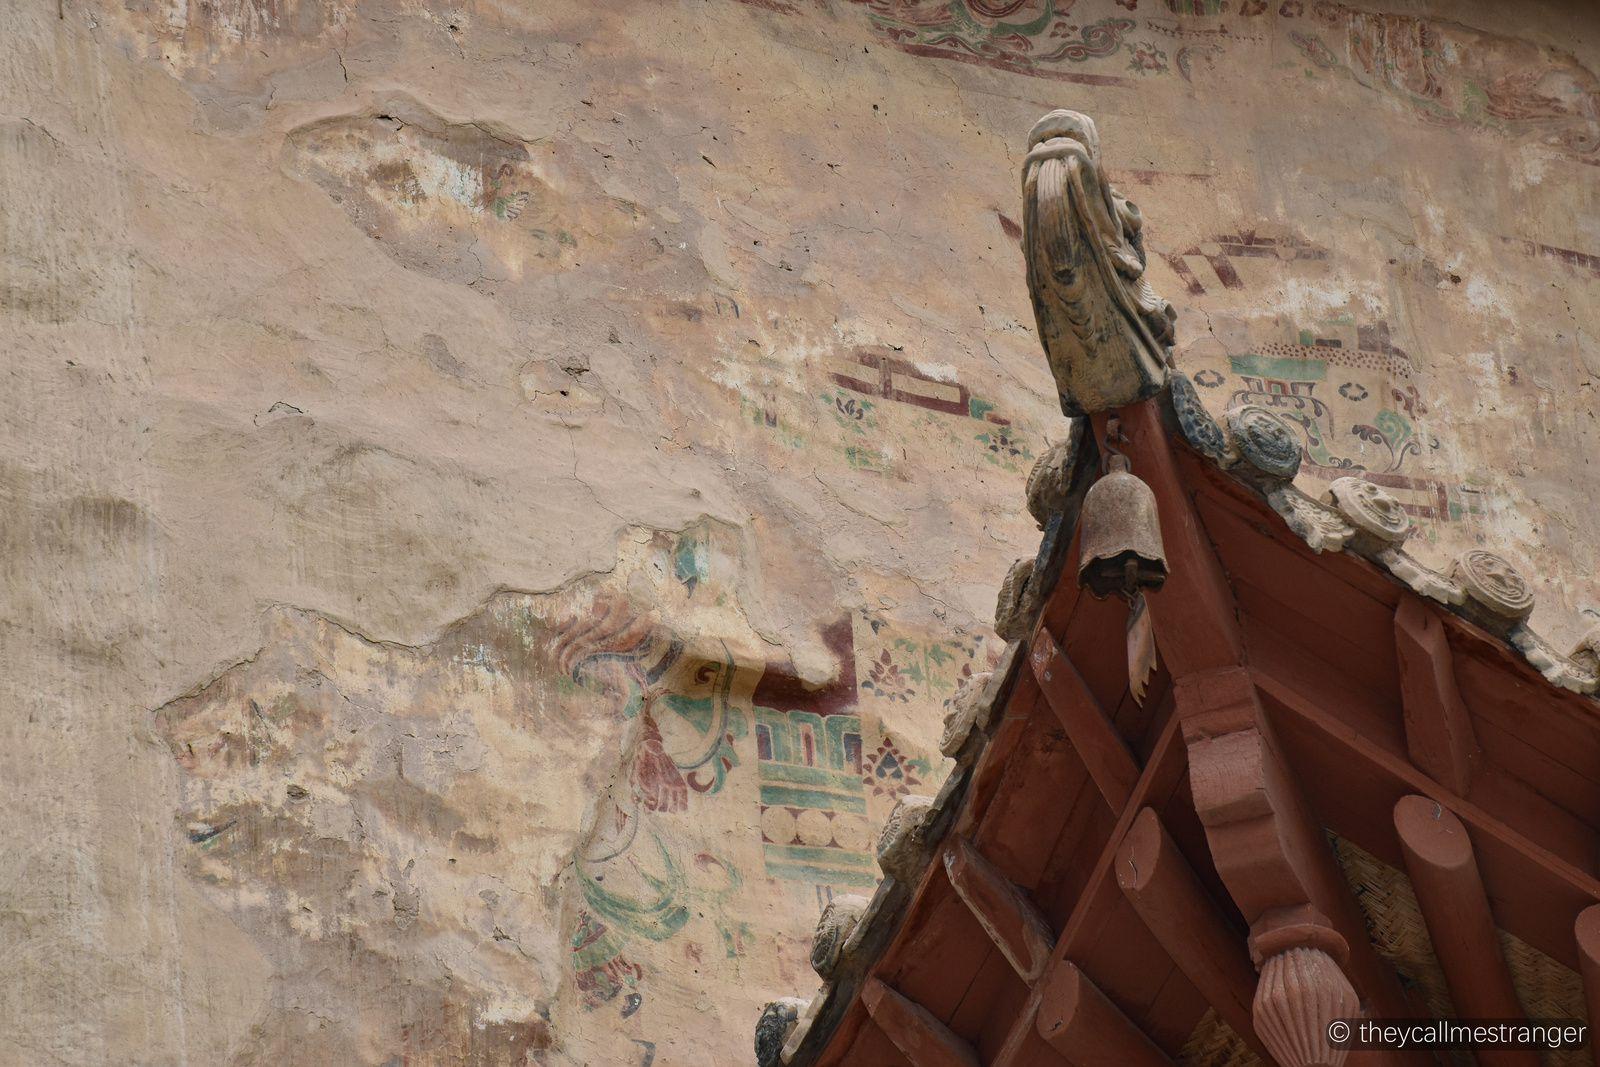 La route de la soie et les grottes bouddhistes de Mogao 莫高窟, Dunhuang 敦煌